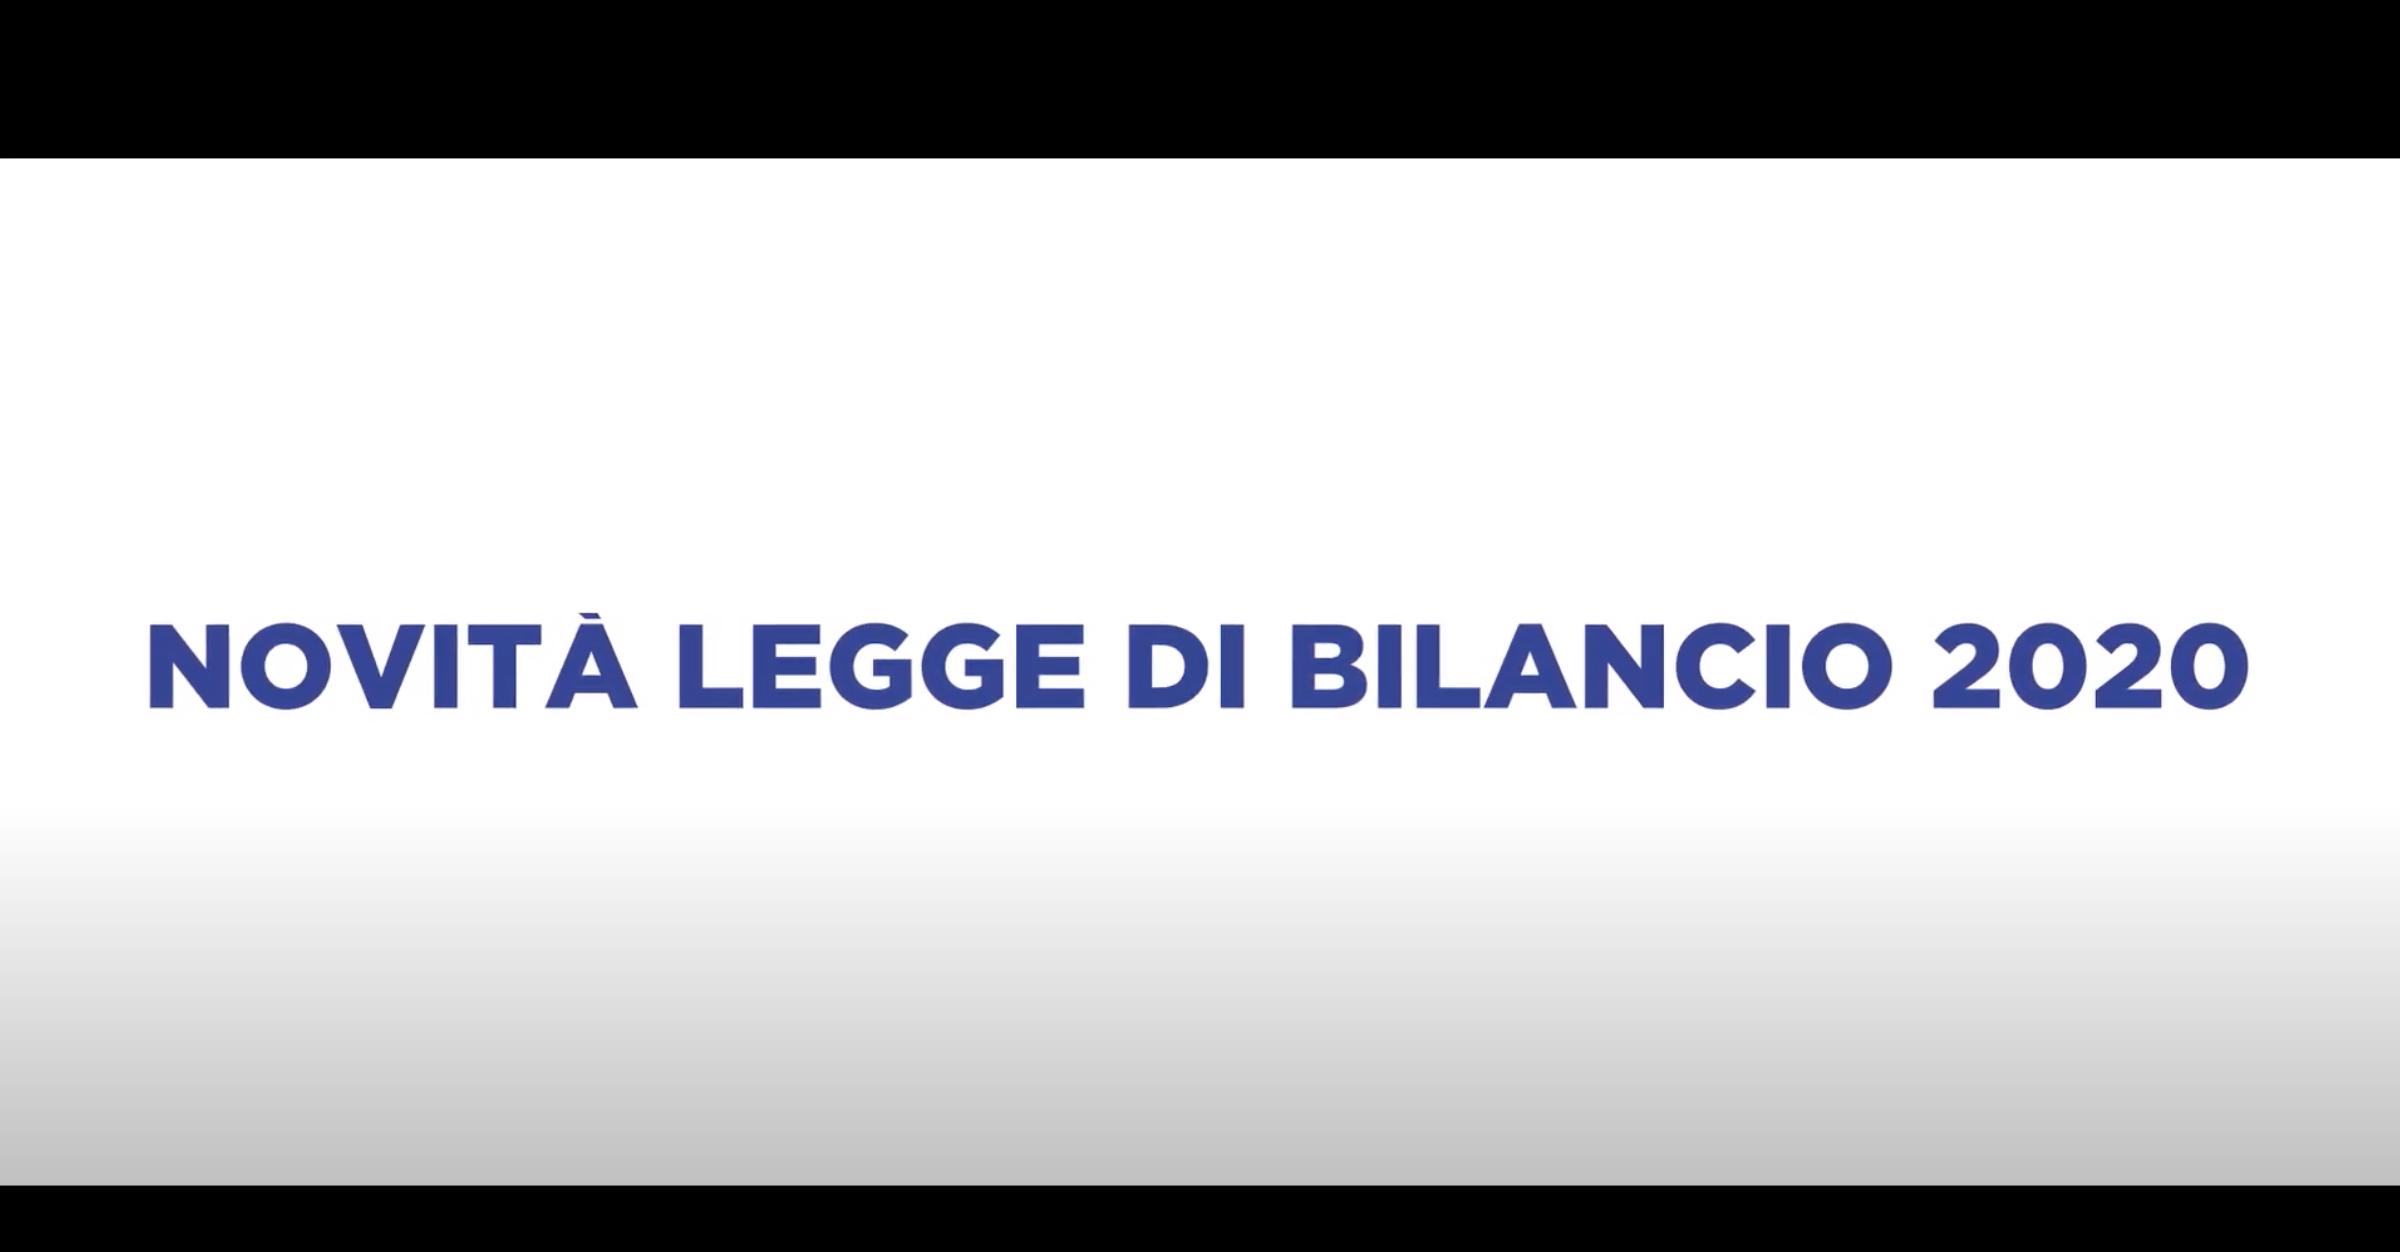 NOVITA' LEGGE DI BILANCIO 2020